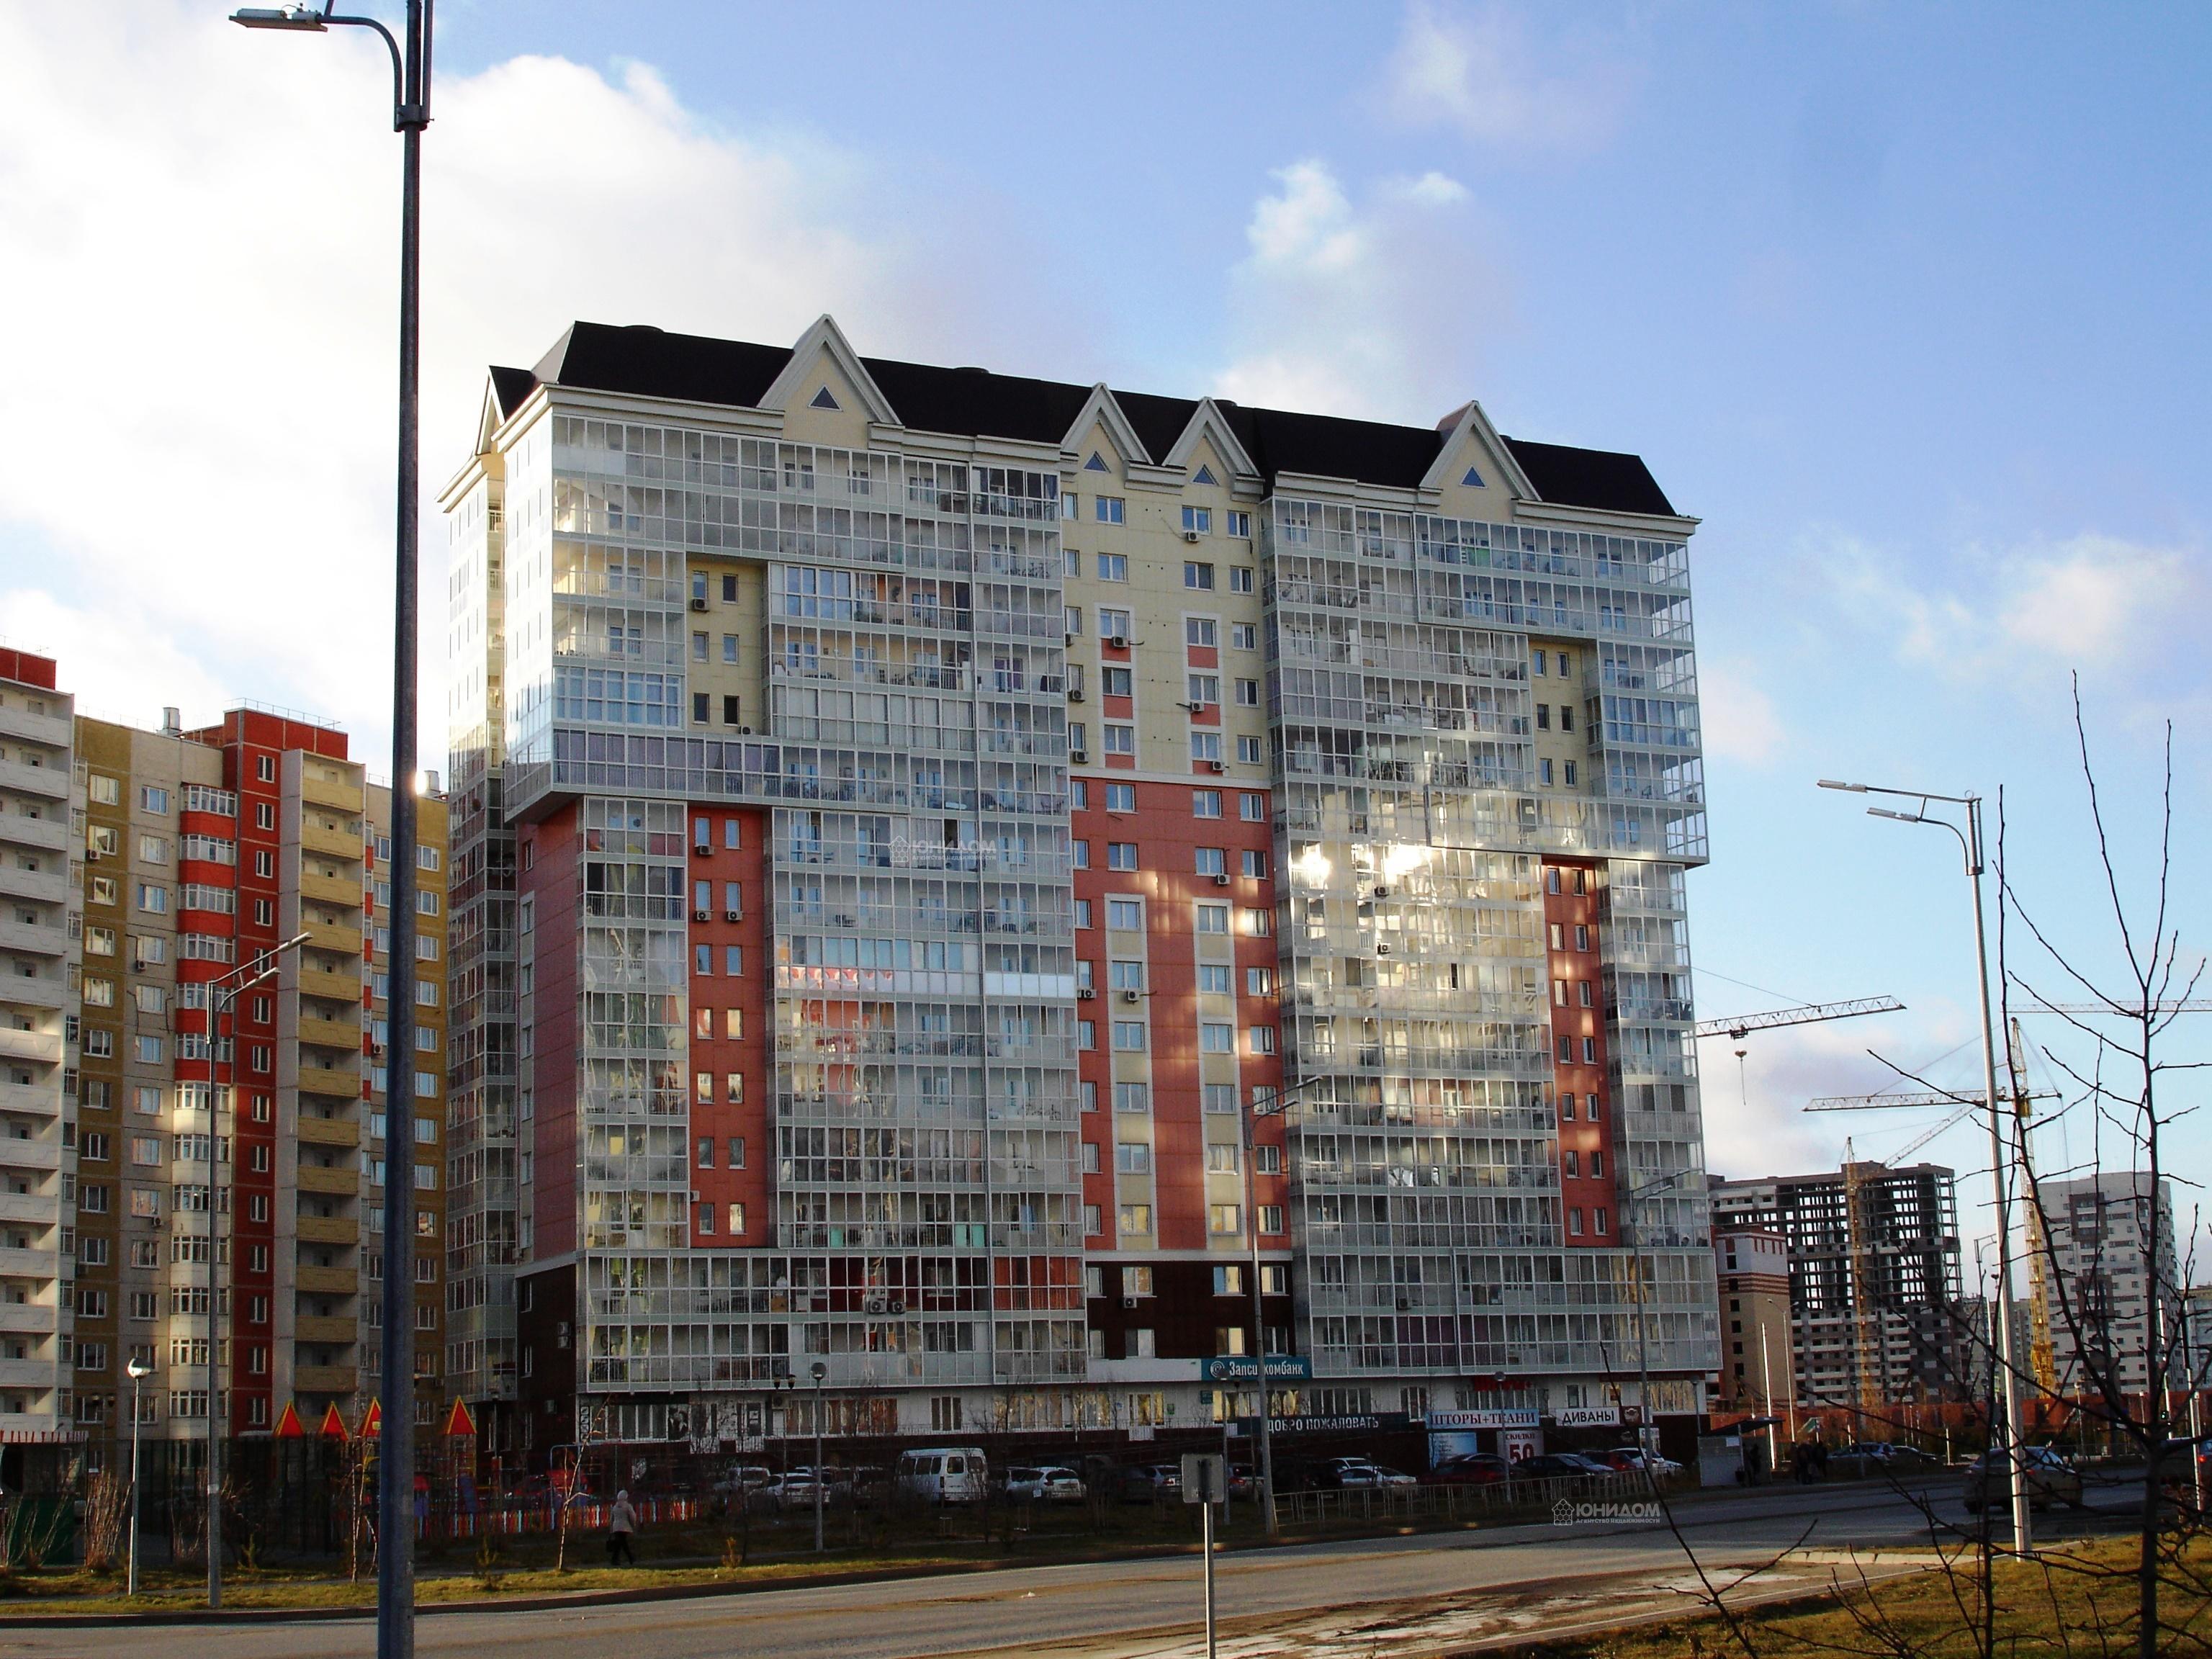 Продам инд по адресу Россия, Тюменская область, Тюмень, Дмитрия Менделеева, 12 фото 0 по выгодной цене